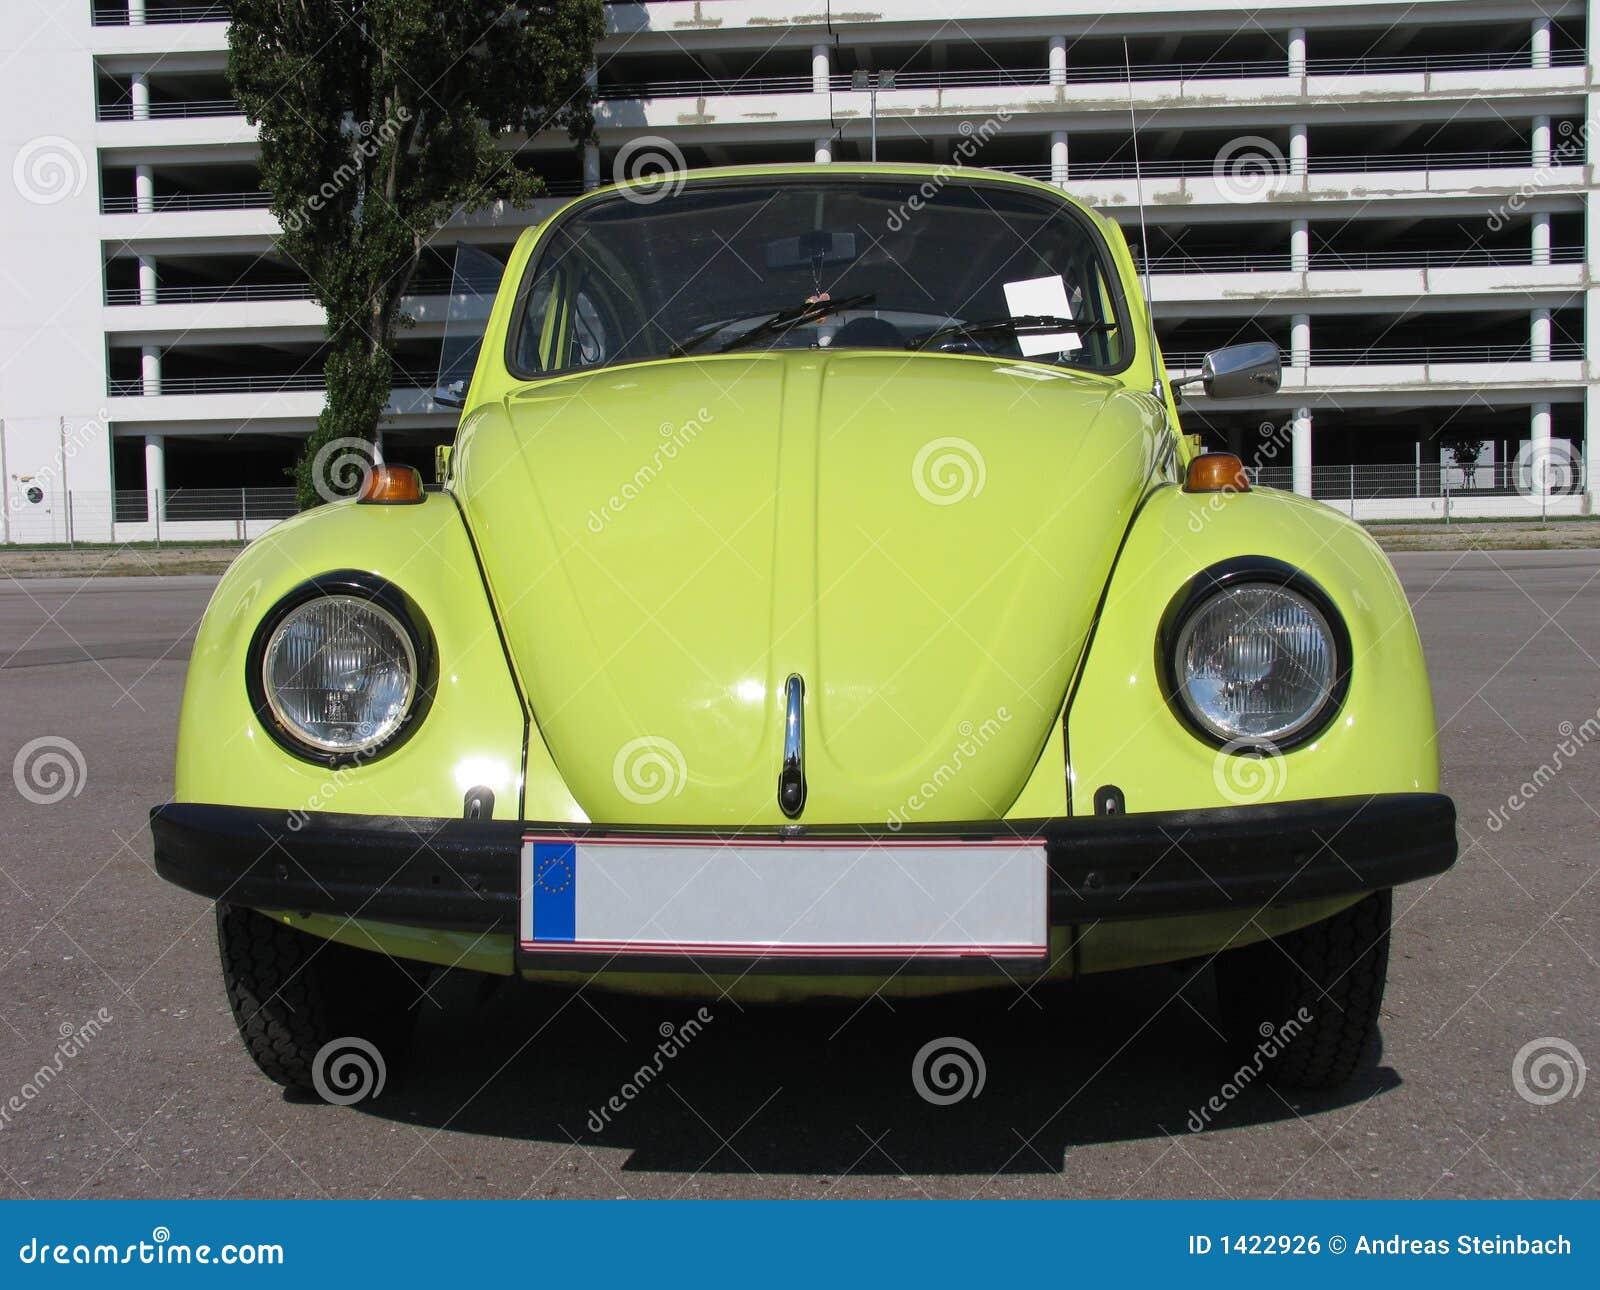 Beetle volkswagen classic design yellow royalty free for Garage volkswagen persan